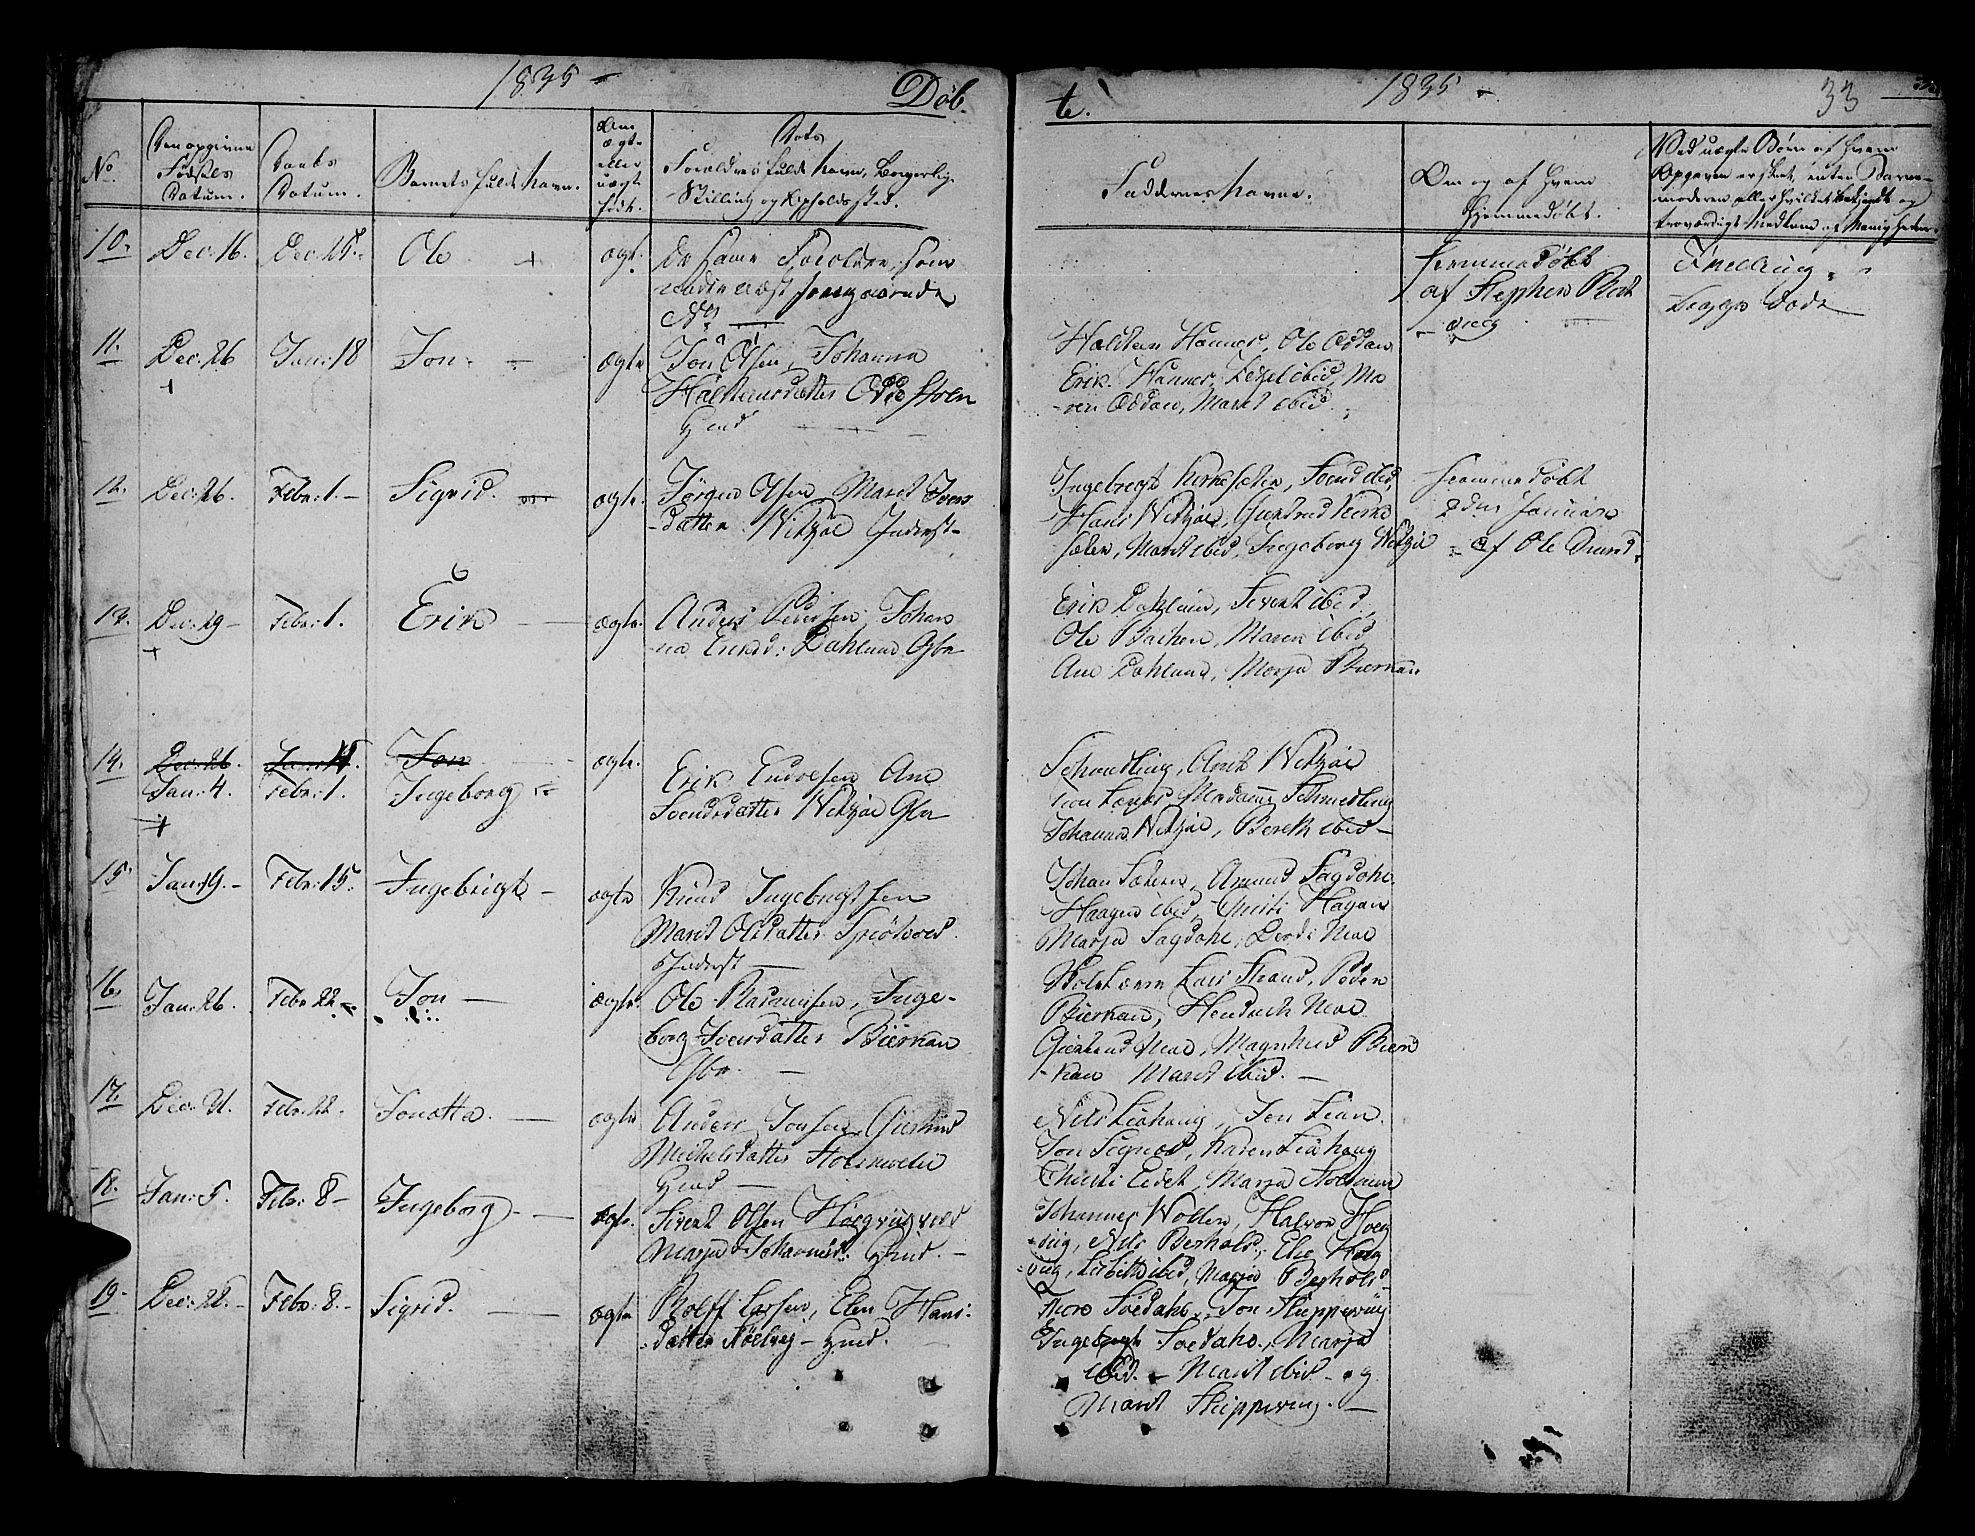 SAT, Ministerialprotokoller, klokkerbøker og fødselsregistre - Sør-Trøndelag, 630/L0492: Ministerialbok nr. 630A05, 1830-1840, s. 33